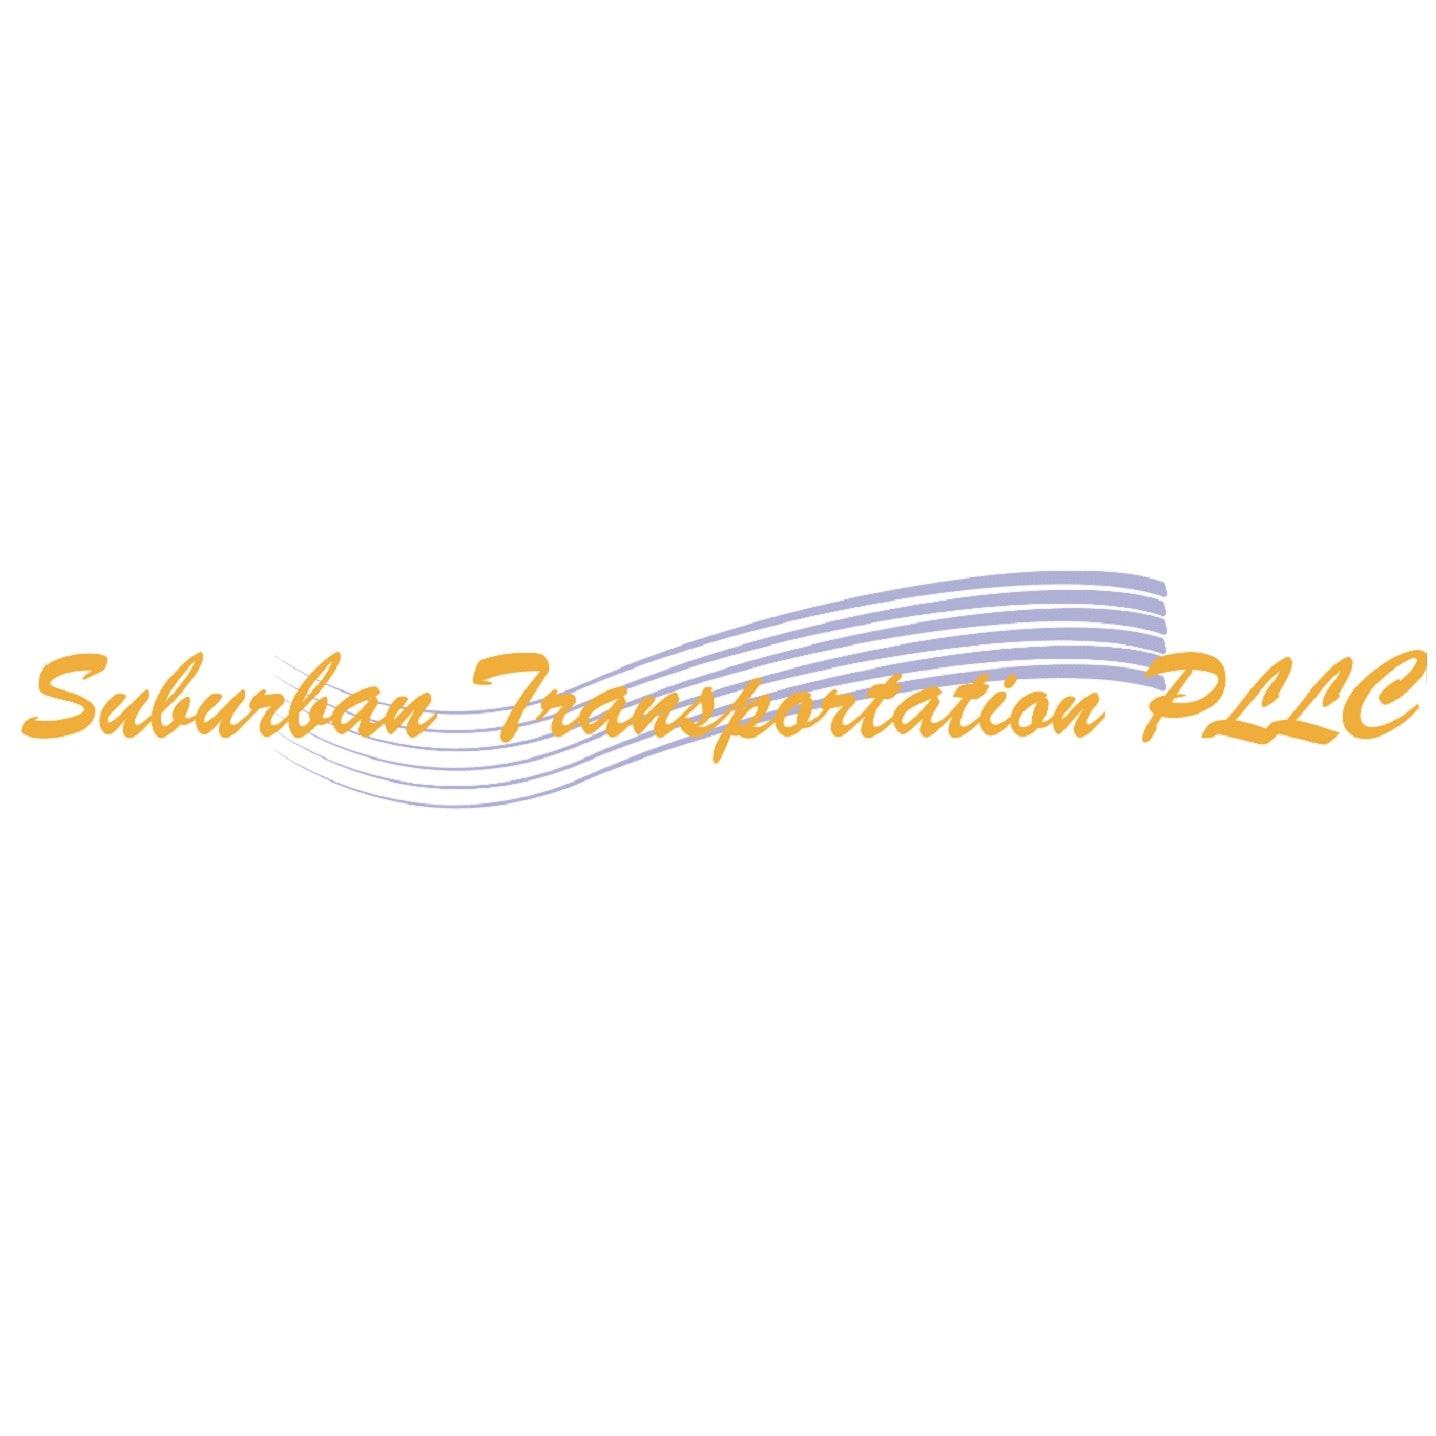 Suburban Transportation PLLC